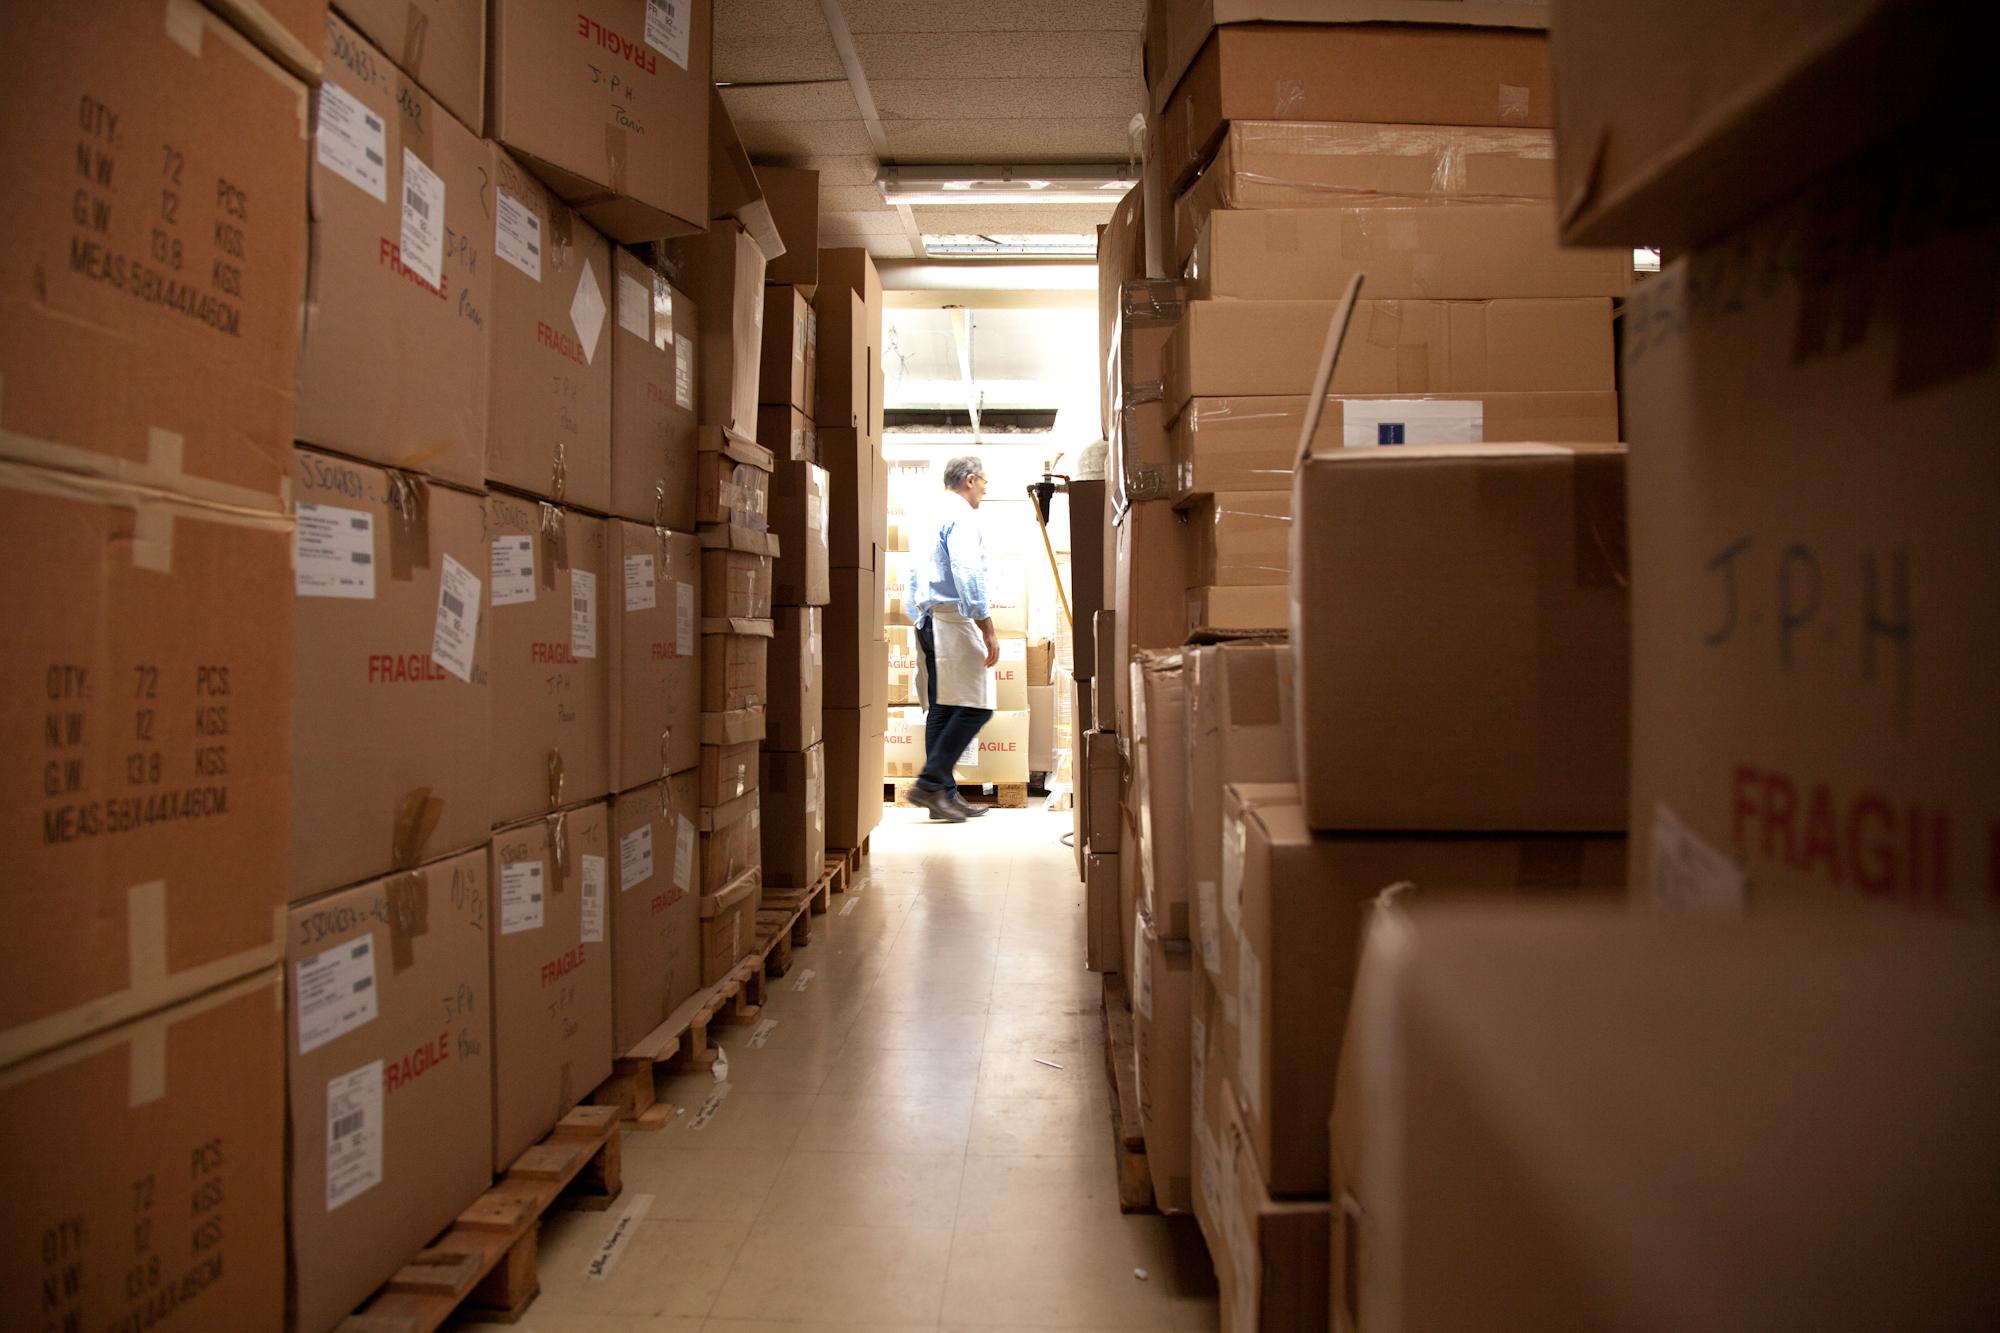 50% du chiffre d'affaires japonais est réalisé pendant cette période. Les emballages et la logistique de transport sont essentiels. © T.Caron